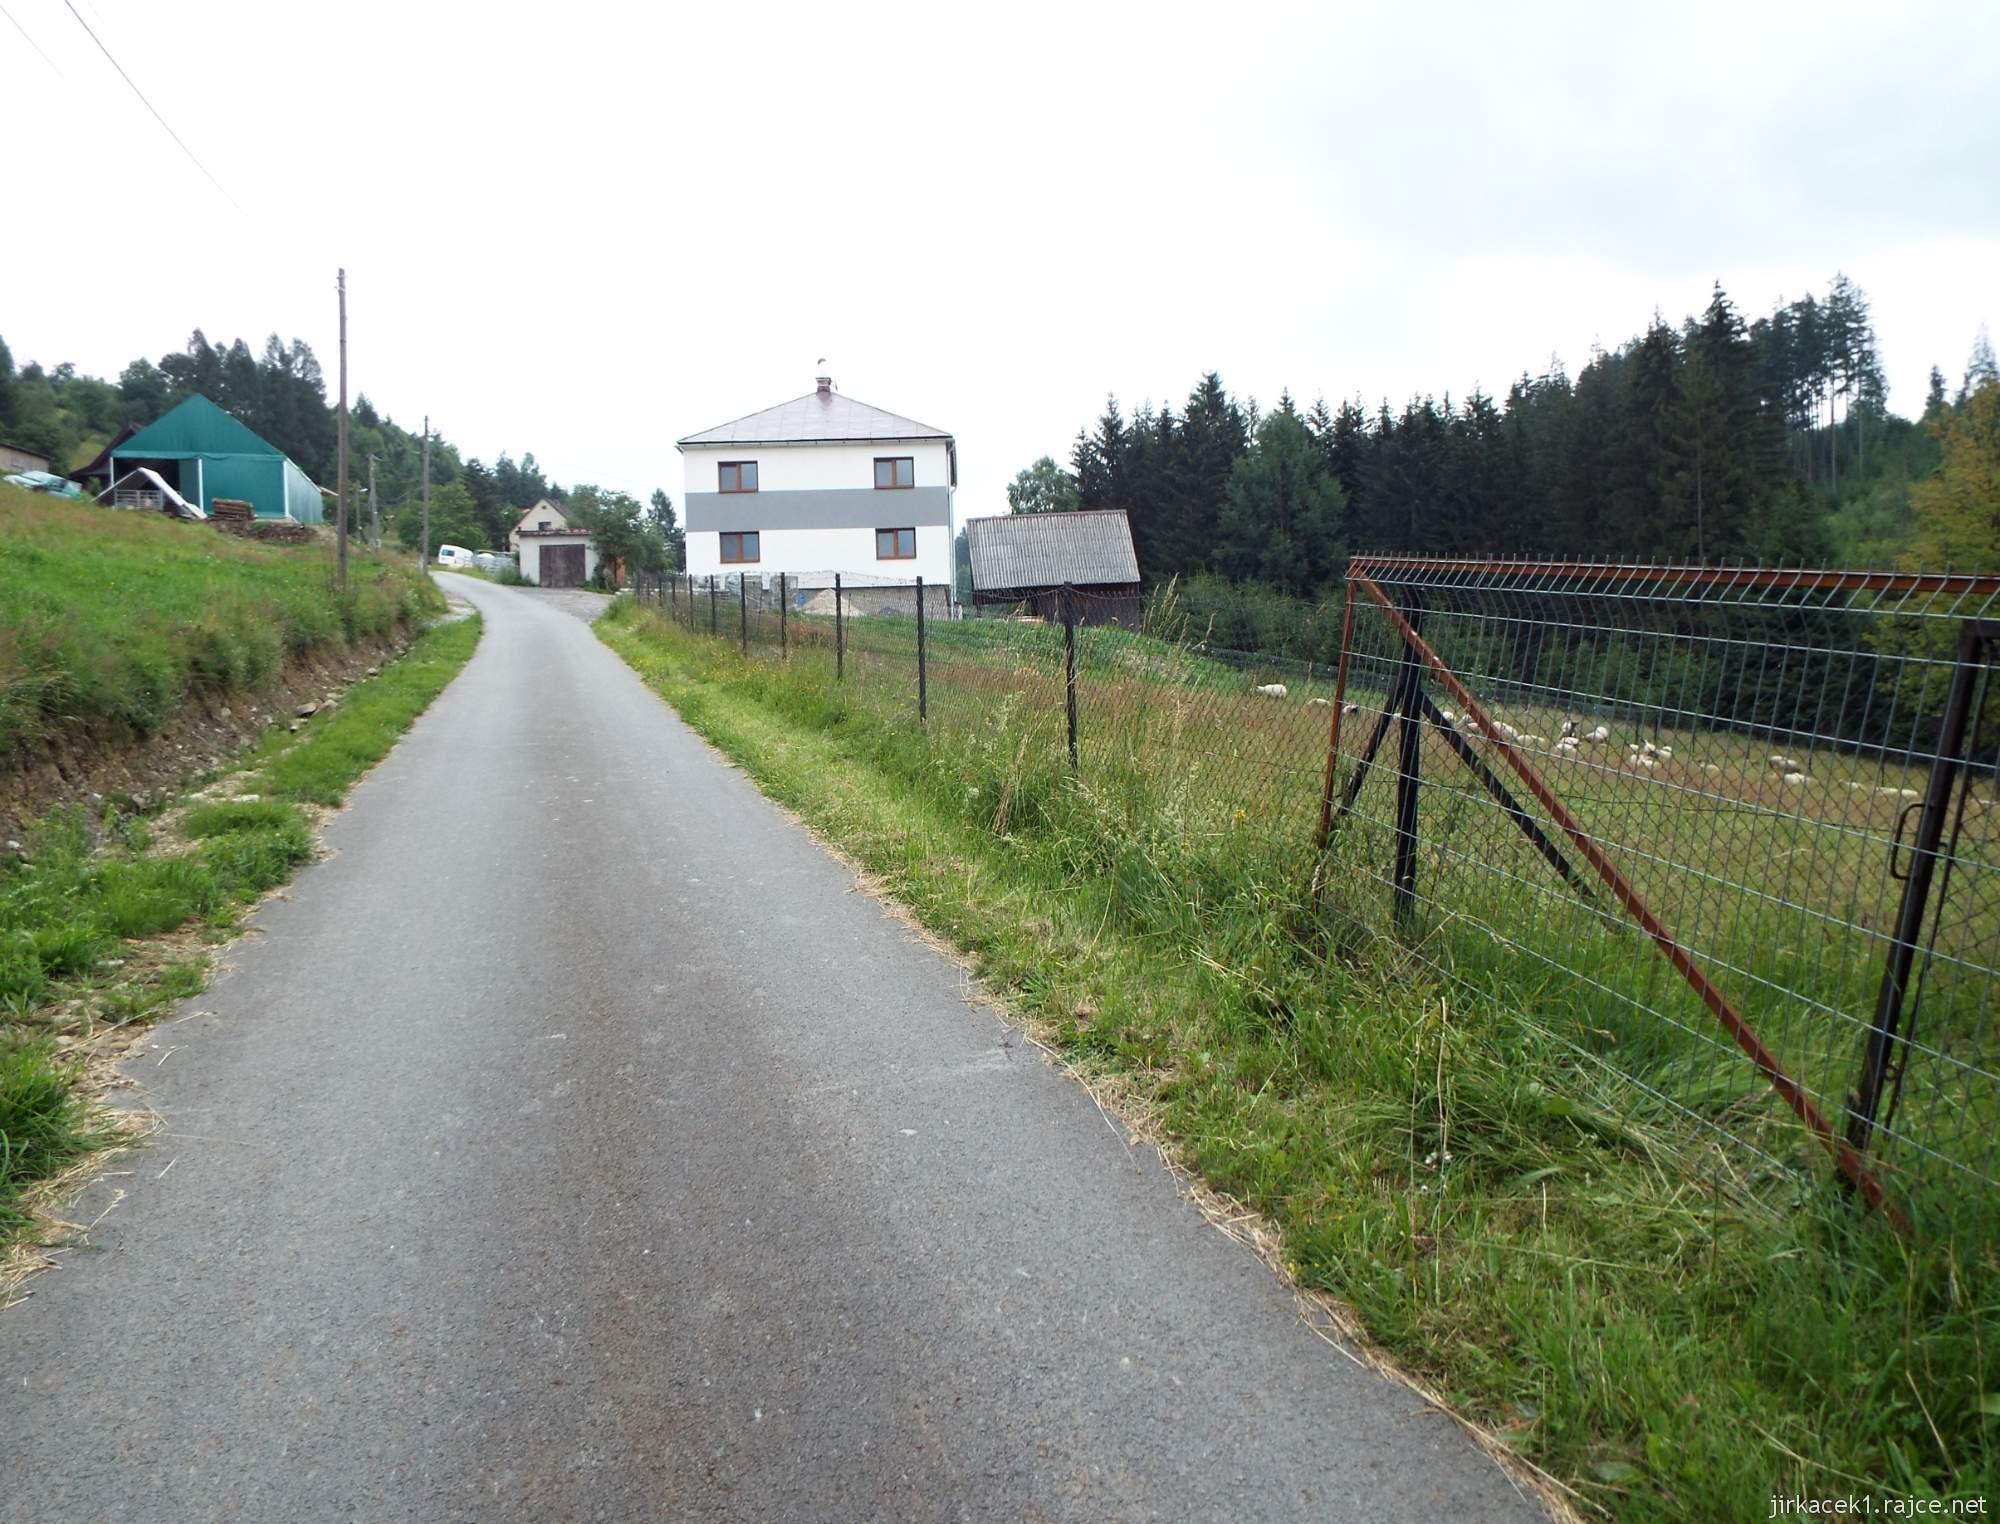 Trojmezí CZ-PL-SK - 21 - cesta na trojmezí - dům u farmy a vpravo ovce